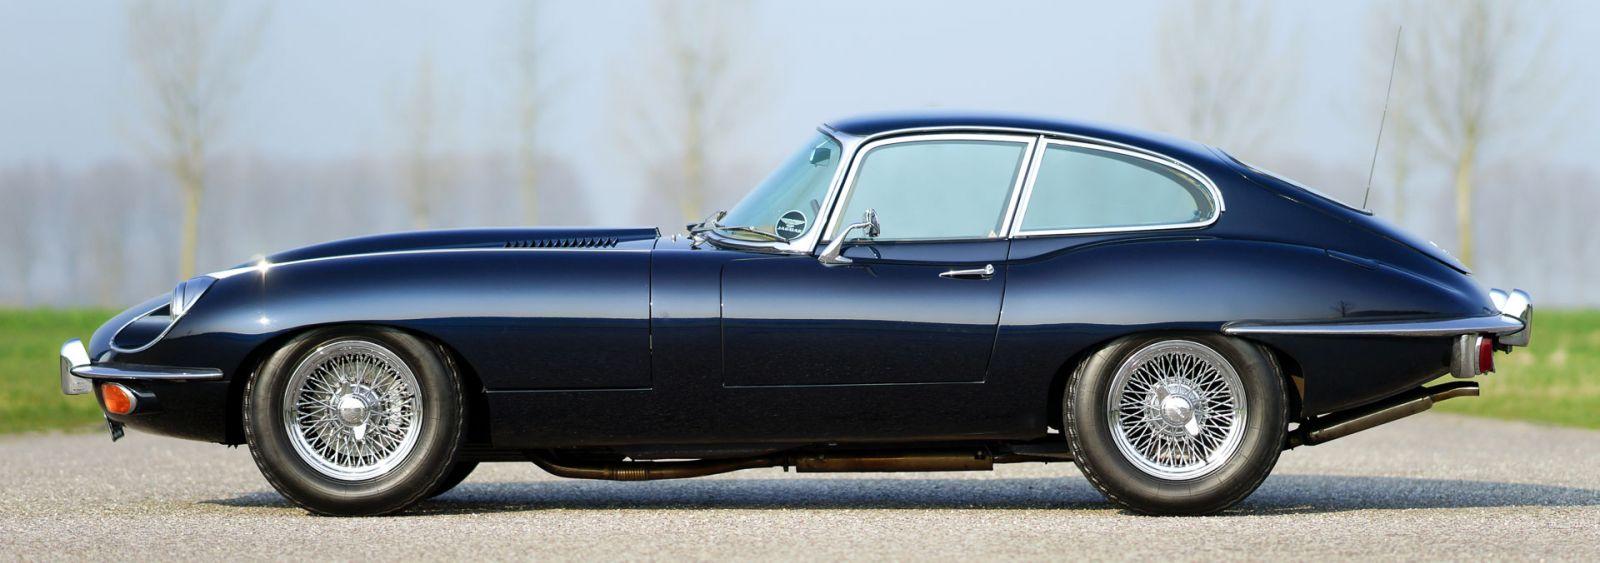 Superior Jaguar E Type 4.2 Litre FHC, 1969